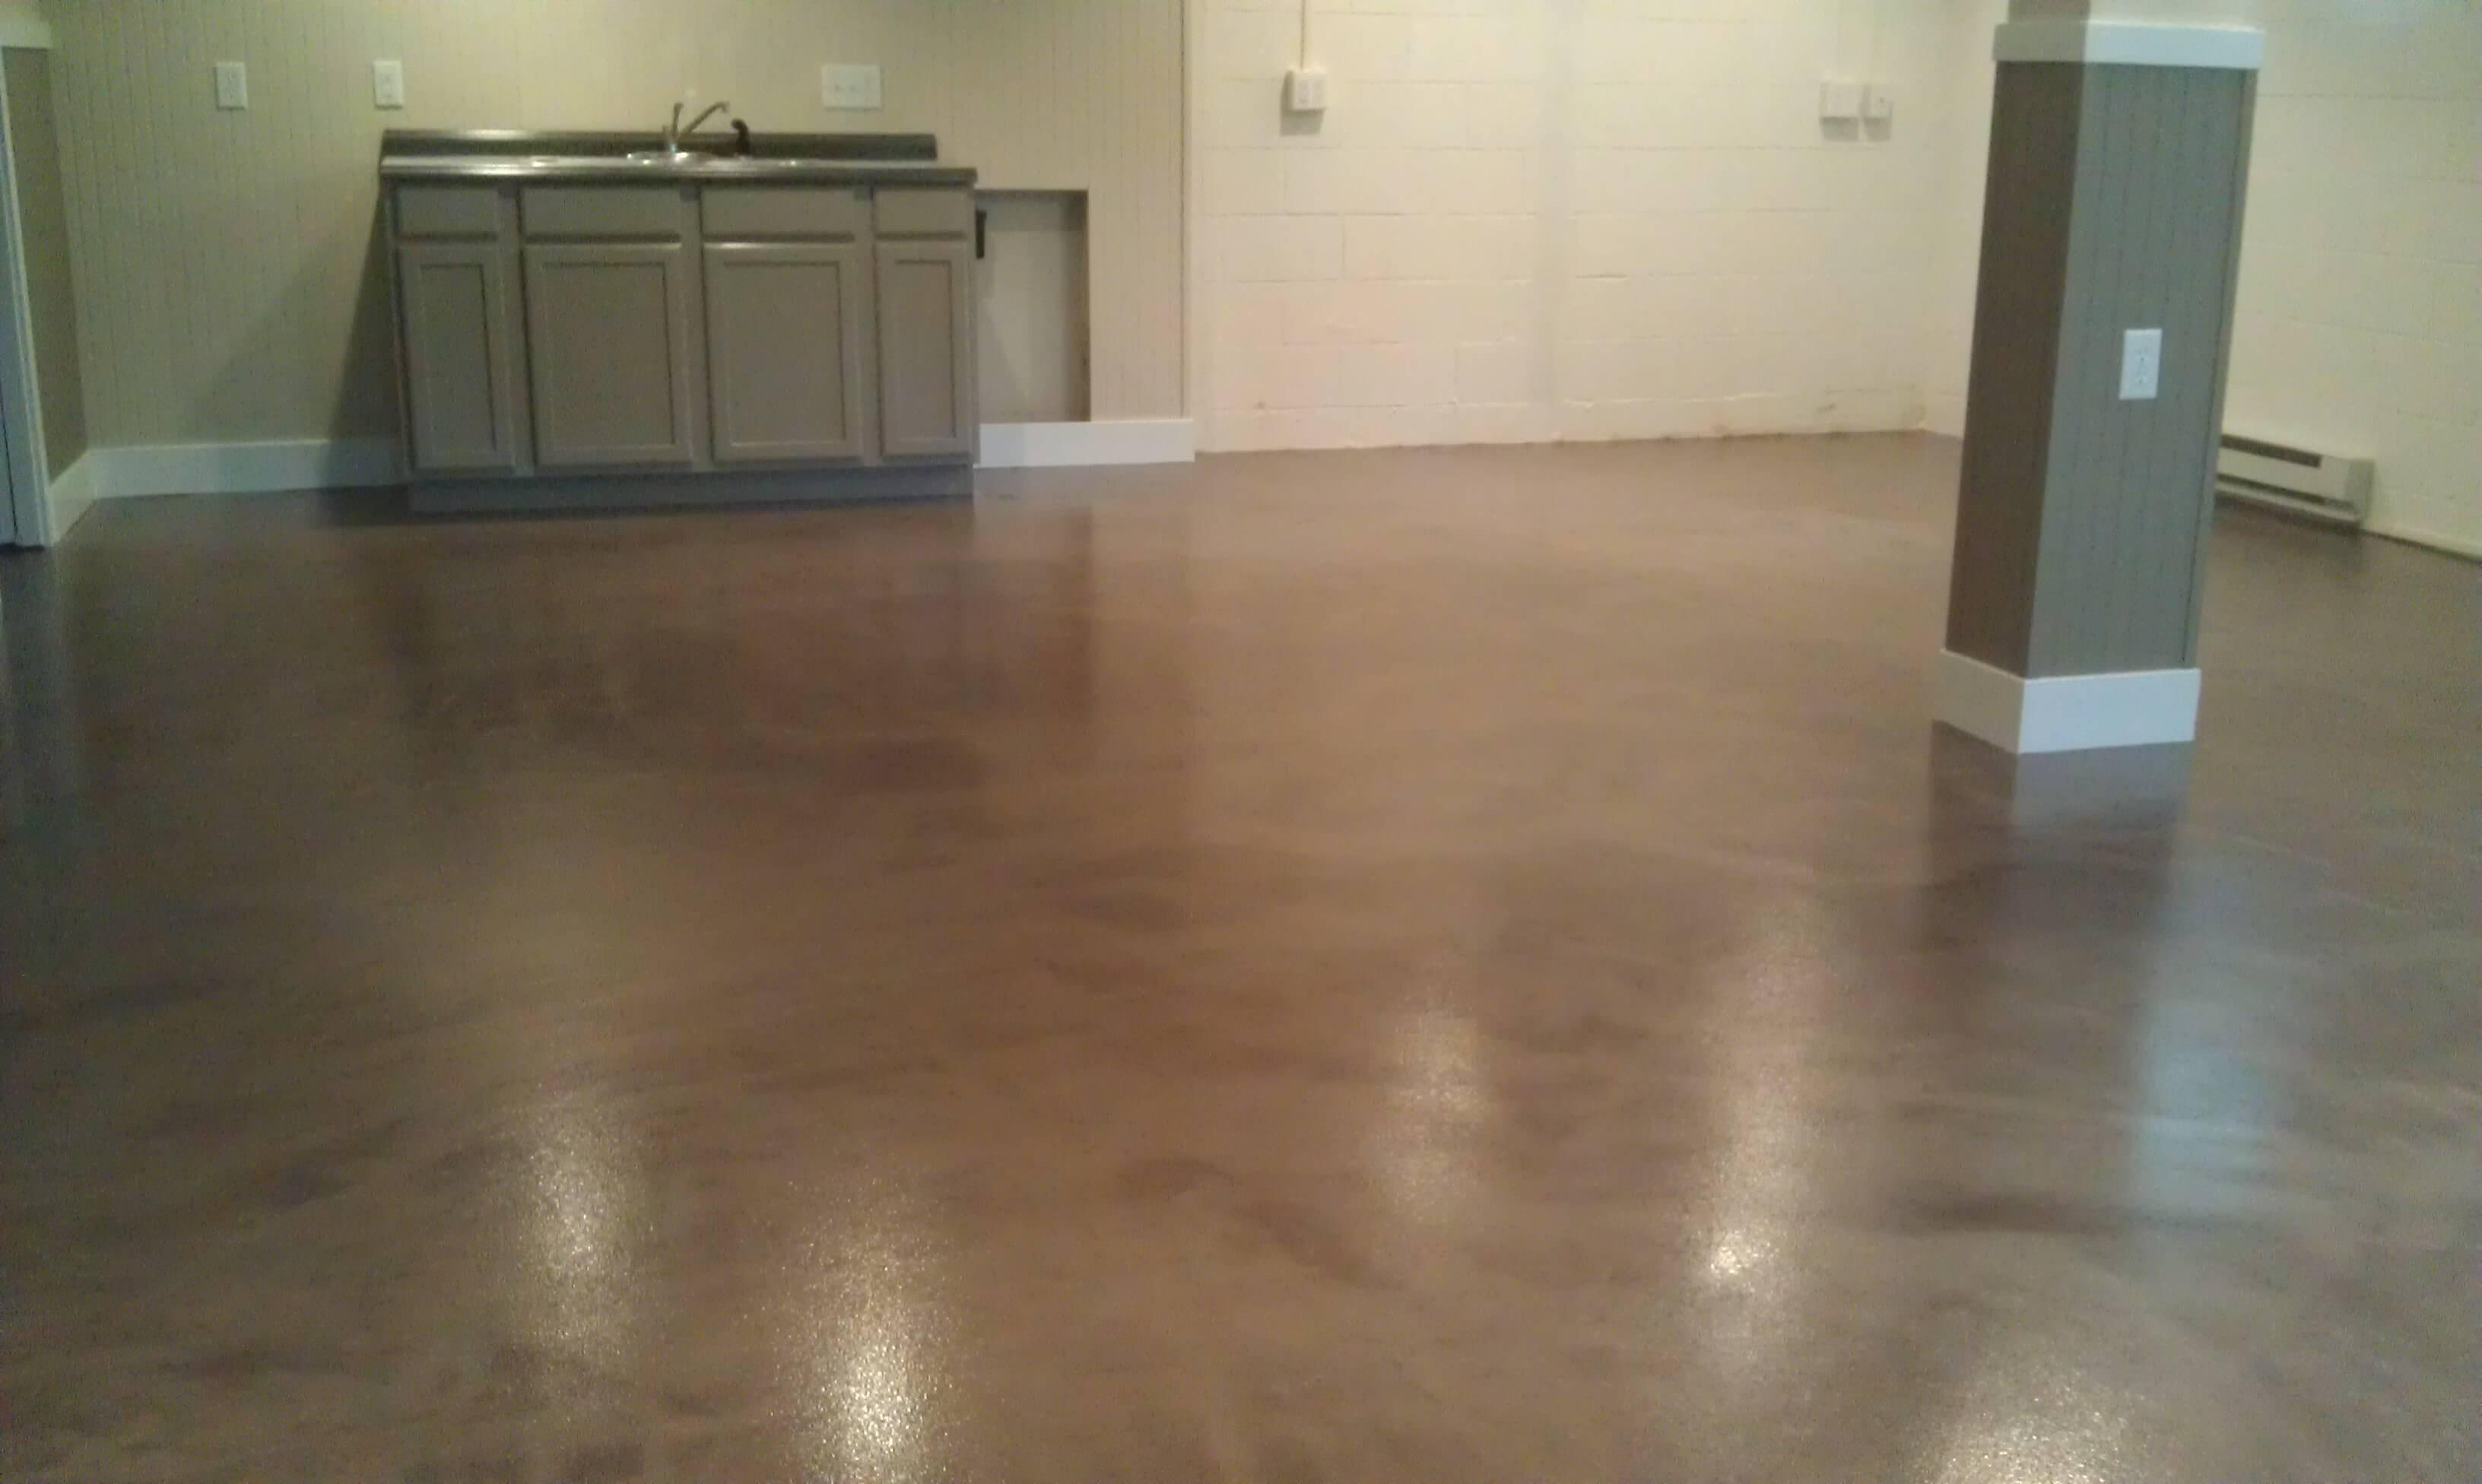 Coating For Basement Floor